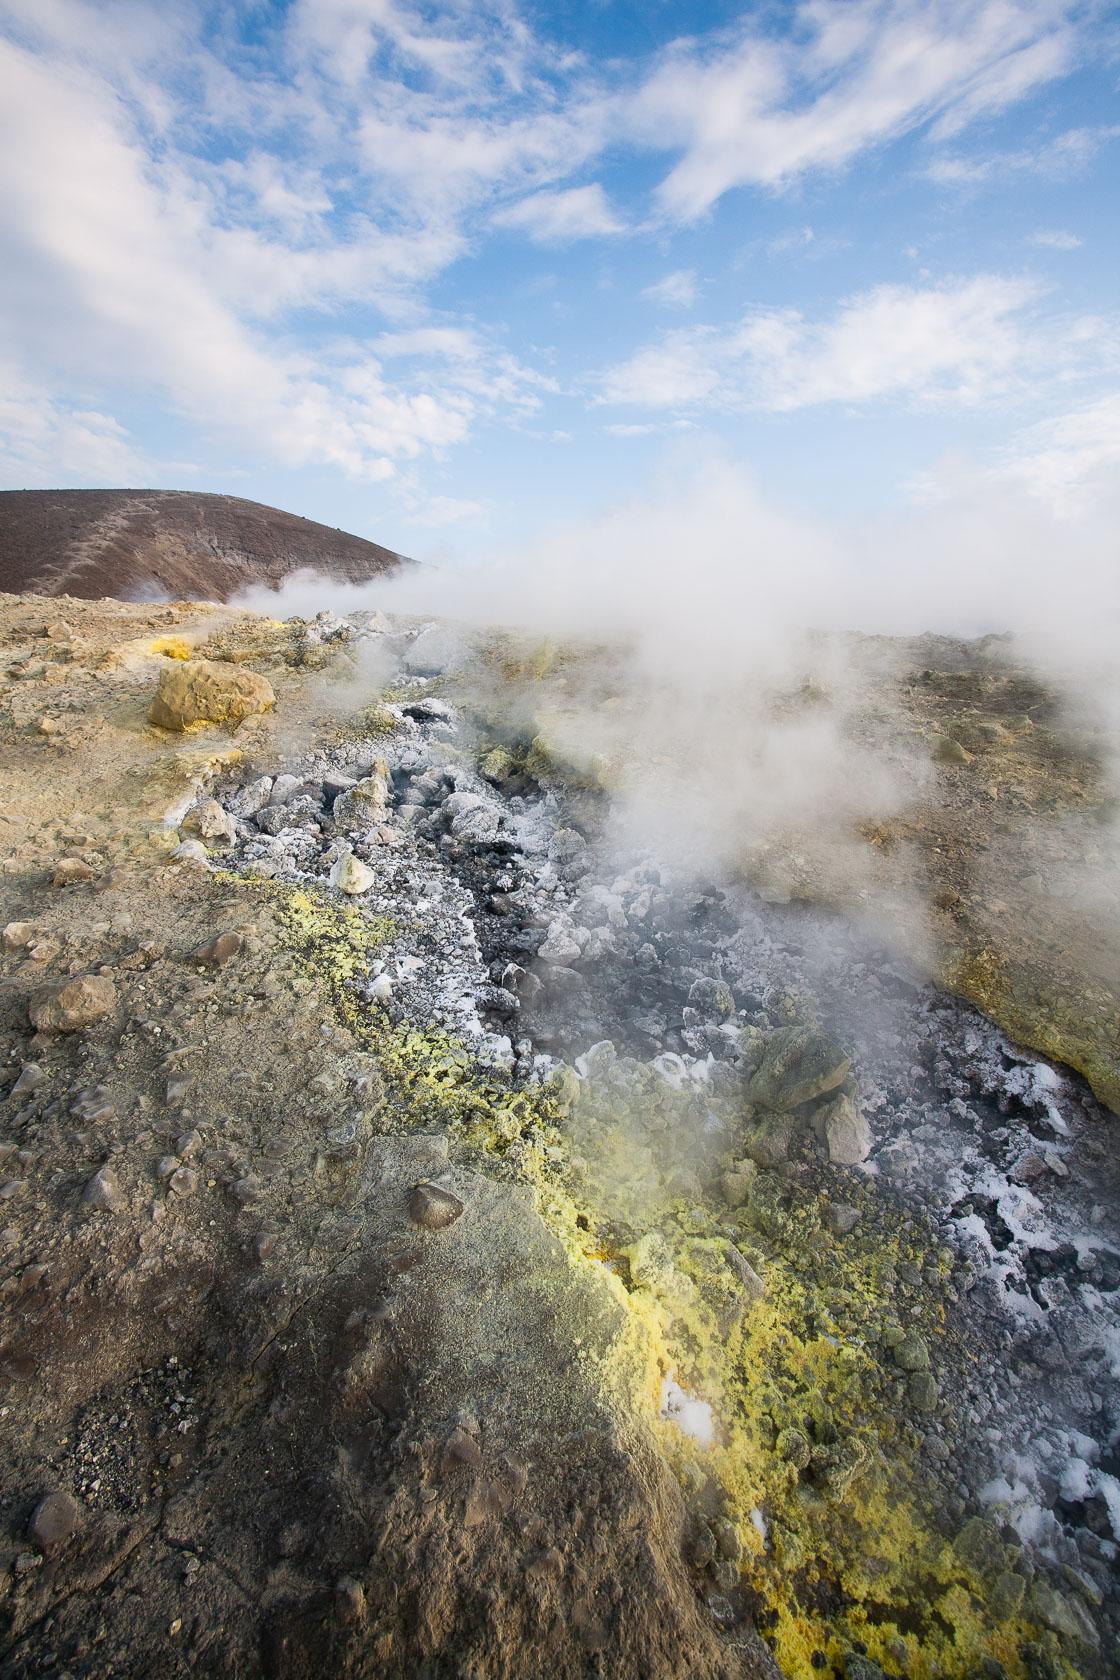 fumerolle et soufre sur le volcan Vulcano, dans les îles éoliennes